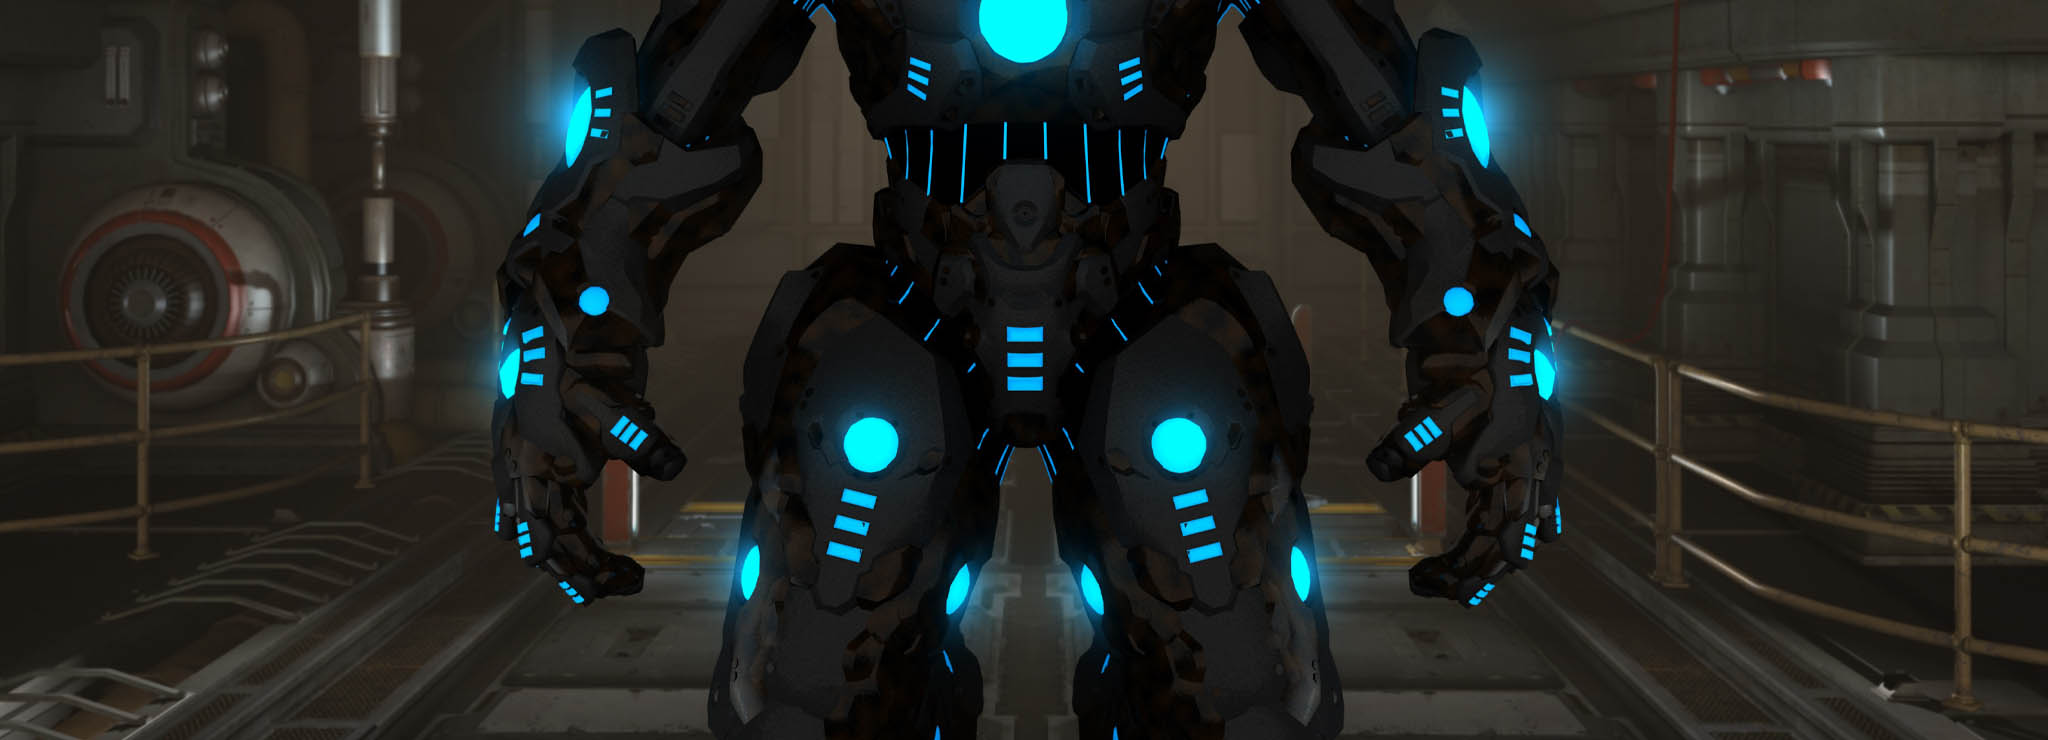 Master-en-Diseño-de-Videojuegos-y-creacion-de-Arte-3D